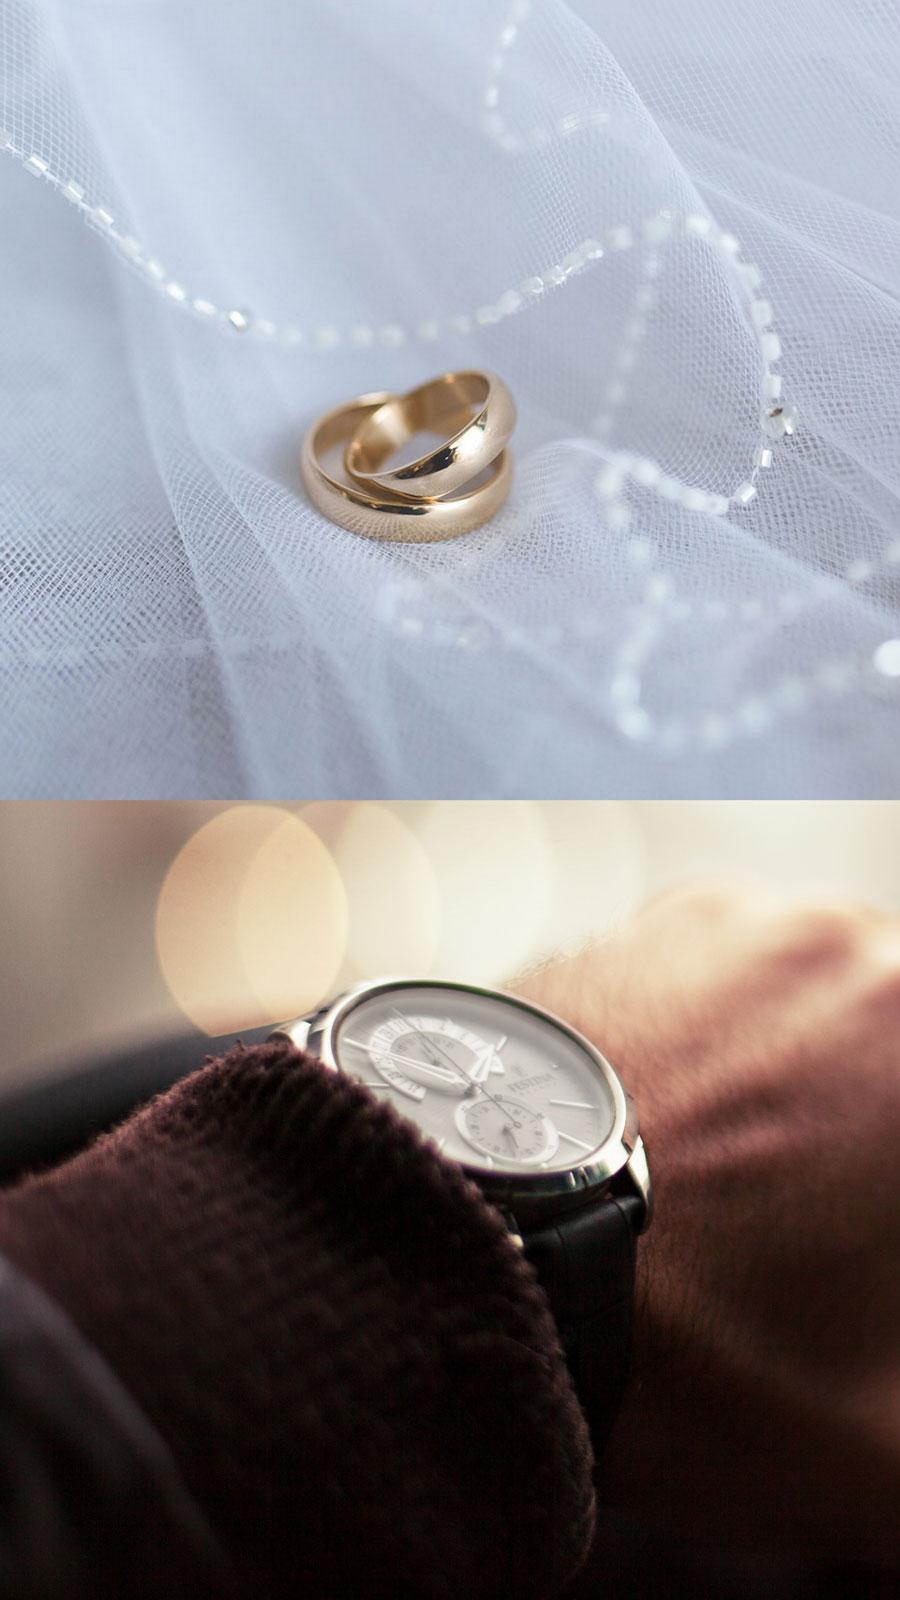 opravy hodinek prodej šperků Hodinářství klenoty Soukupovi Olomouc